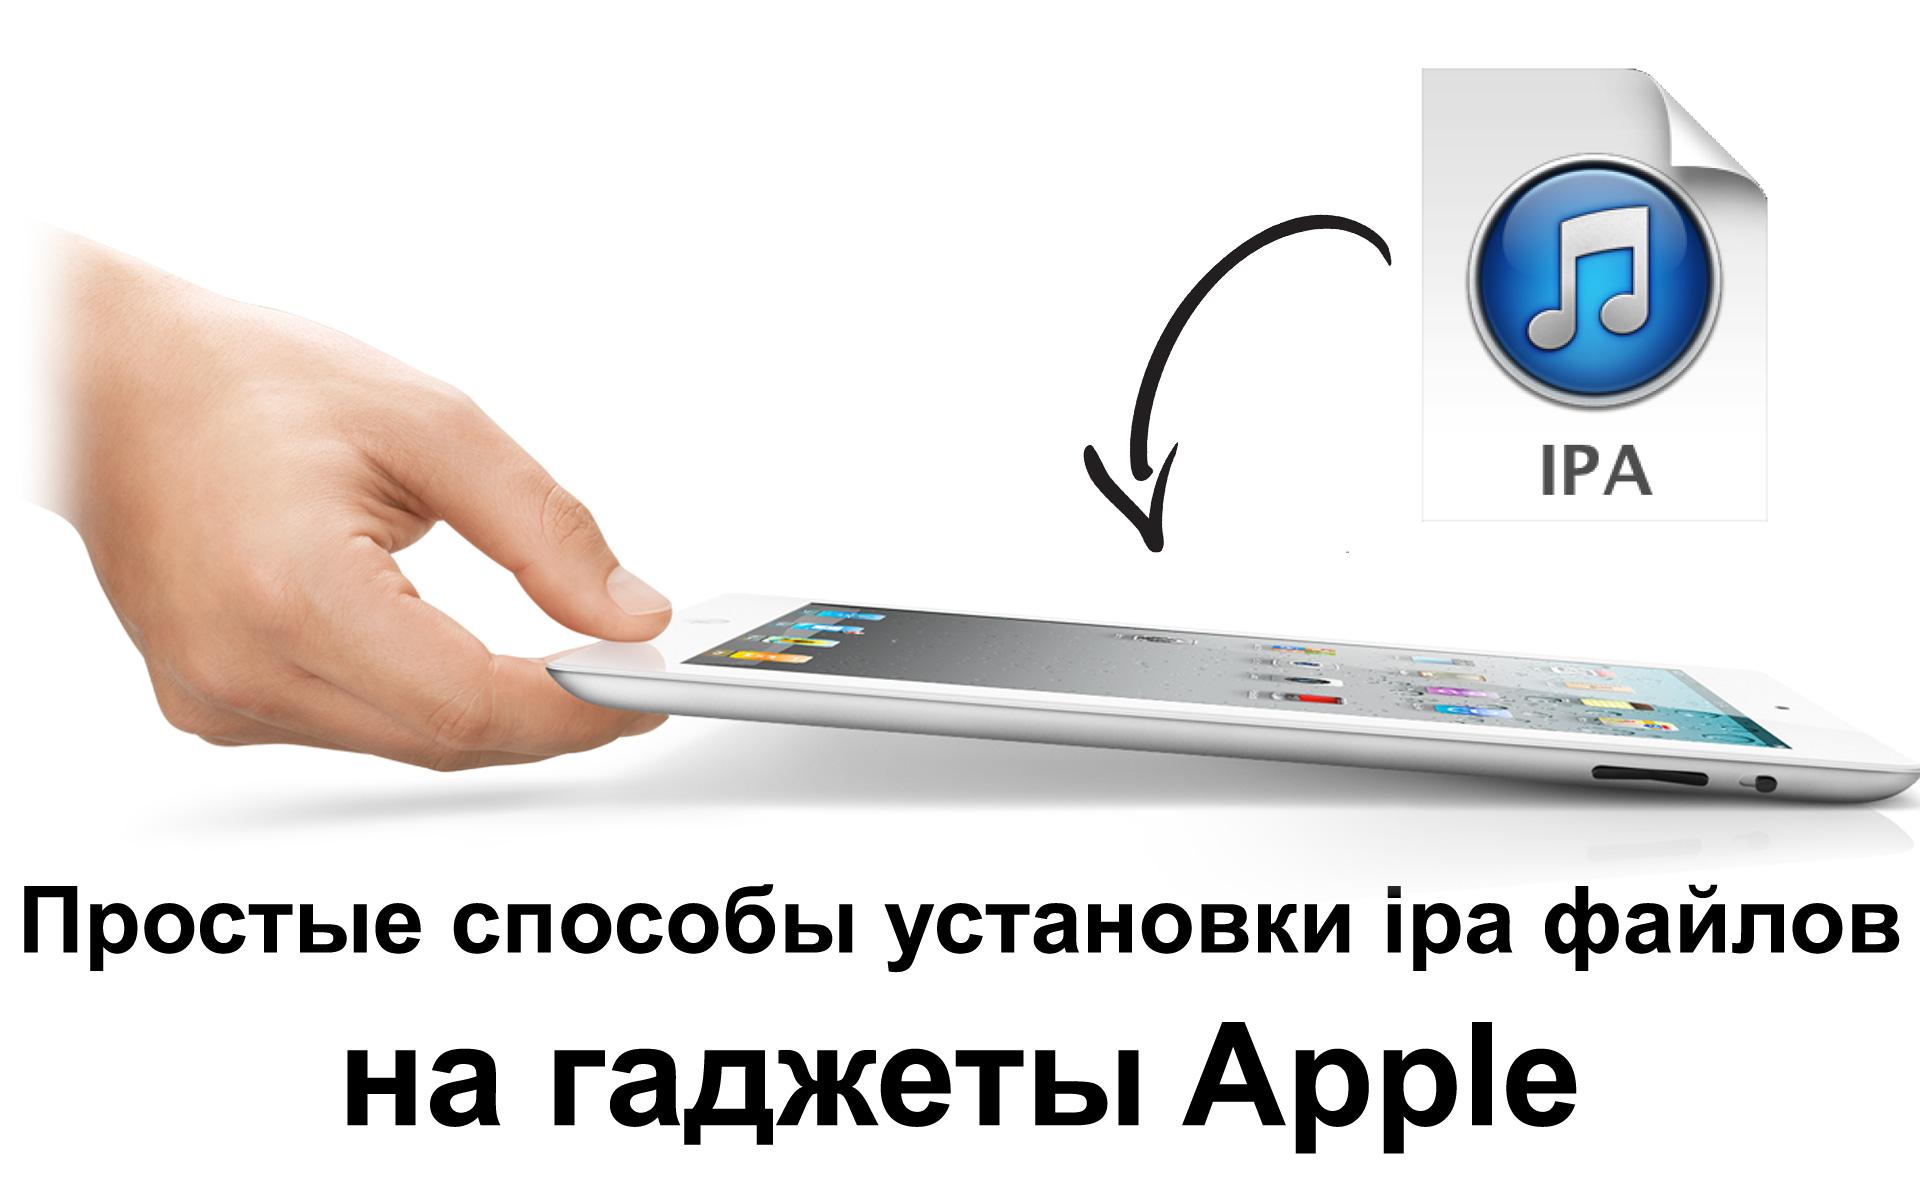 Установка ipa-файлов на iPad